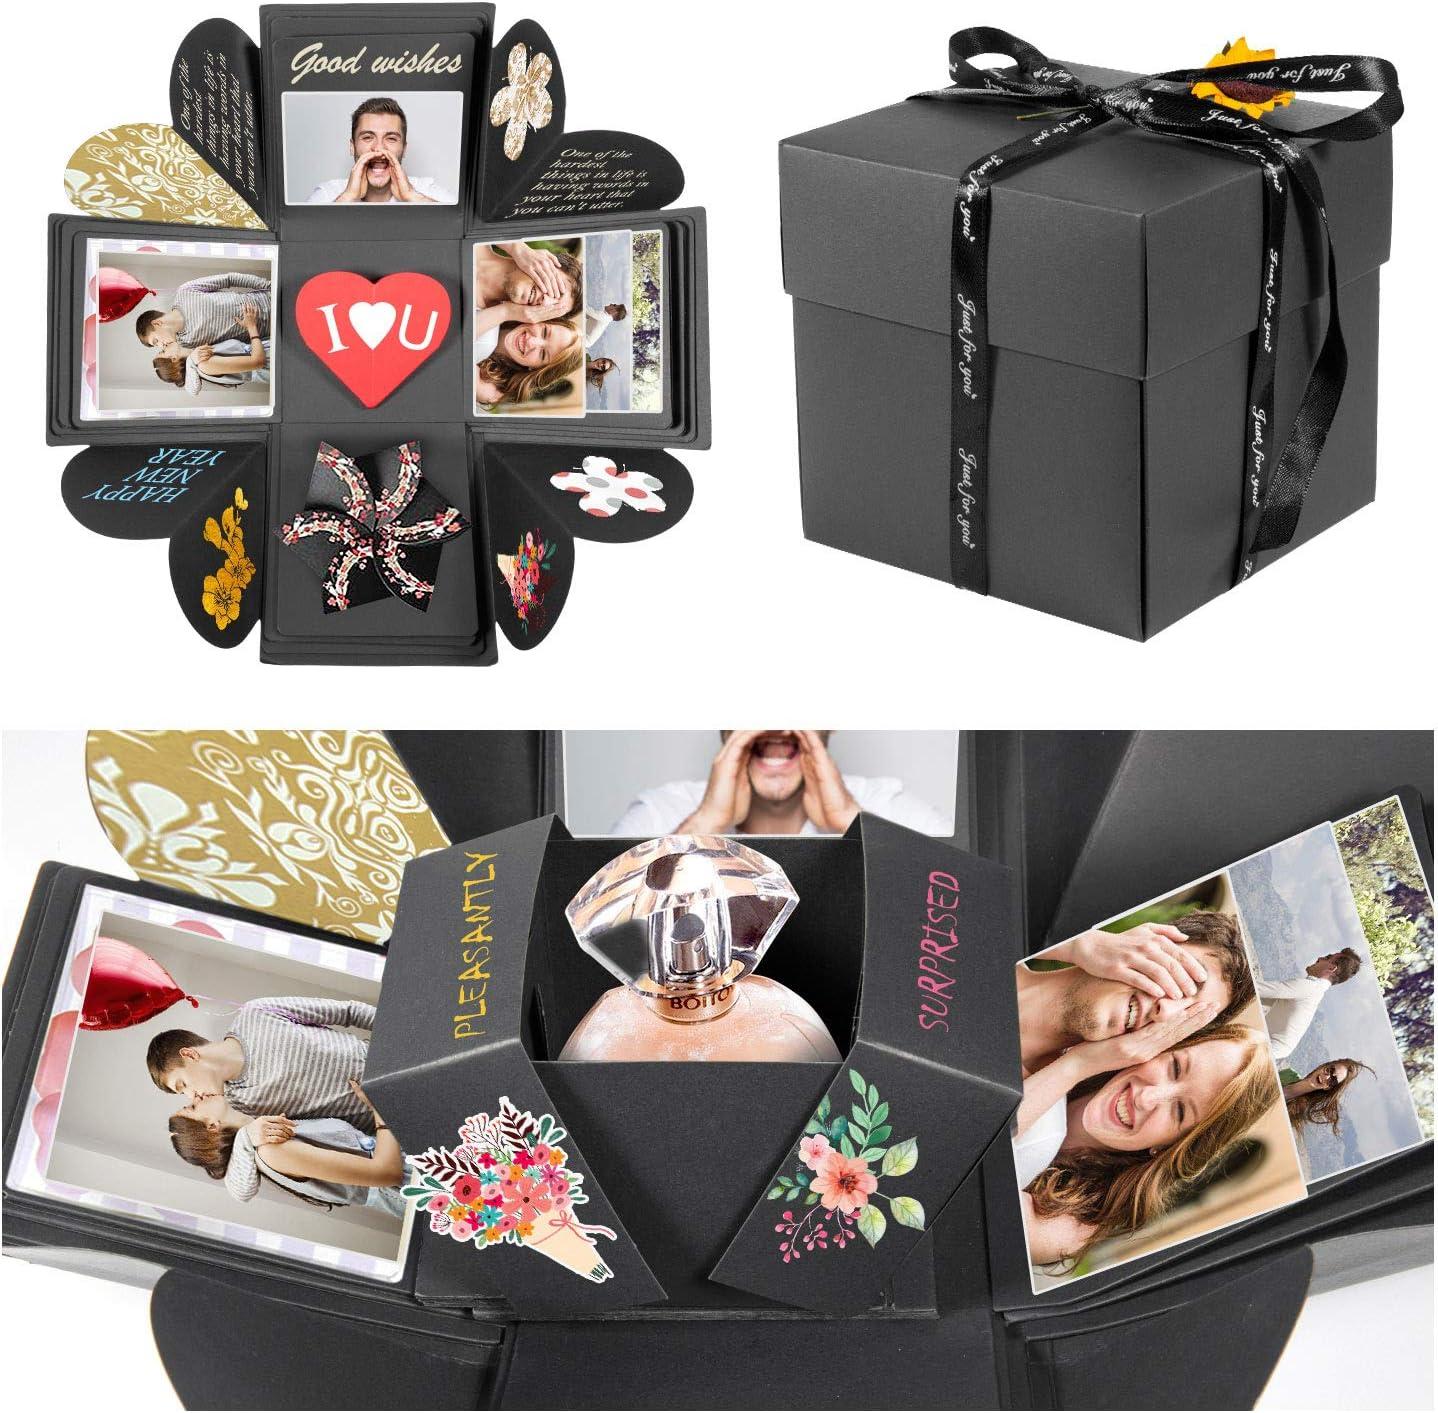 ZWOOS Explosion Box, Creative DIY Scrapbook Hecho a Mano Sorpresa Álbum de Fotos cumpleaños, Día de San Valentín Aniversario Navidad Caja de Regalo(Negro)